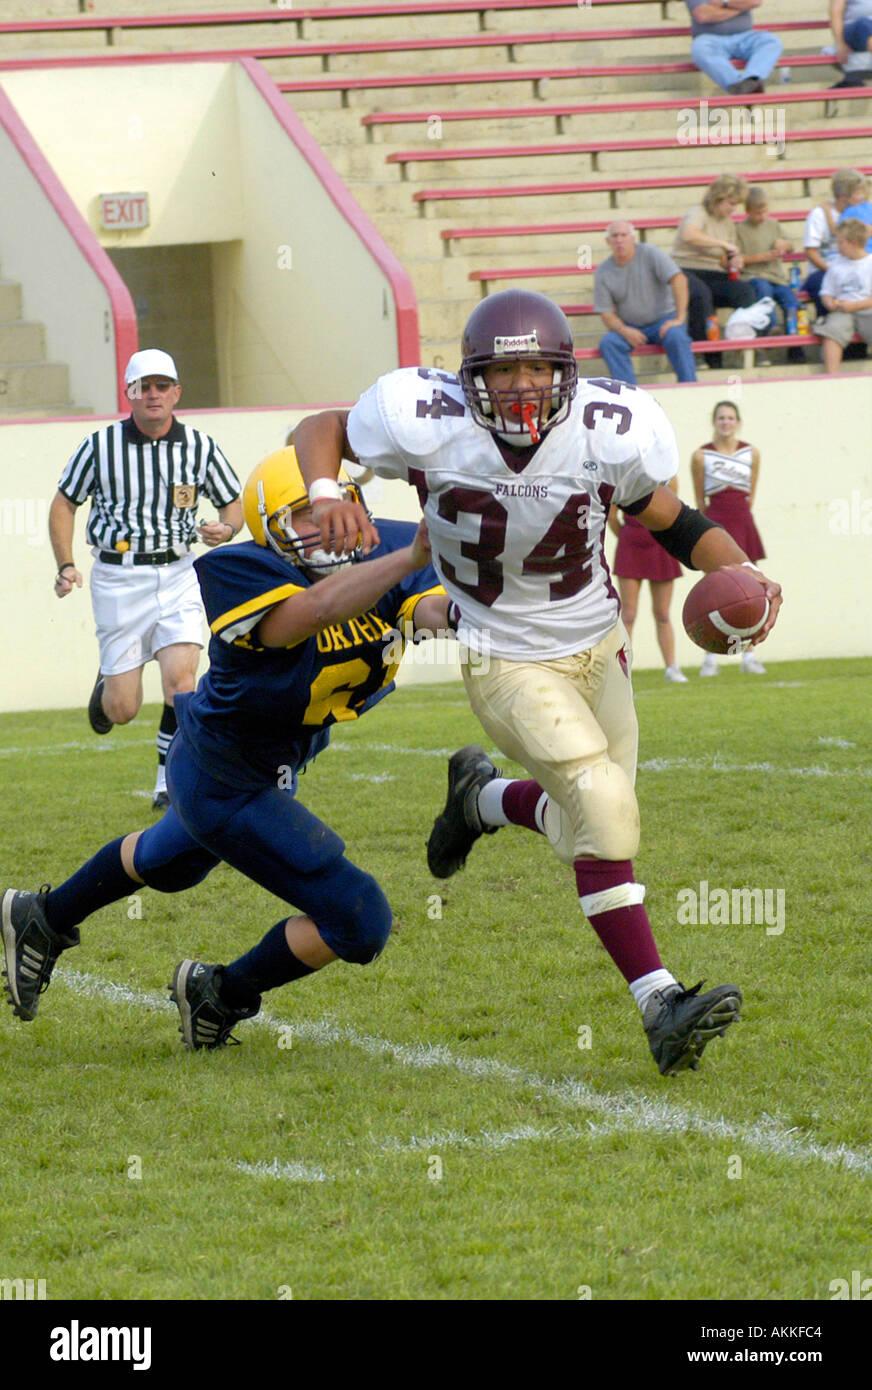 Acción de fútbol americano a nivel High School Port Huron Michigan Americano U S Imagen De Stock